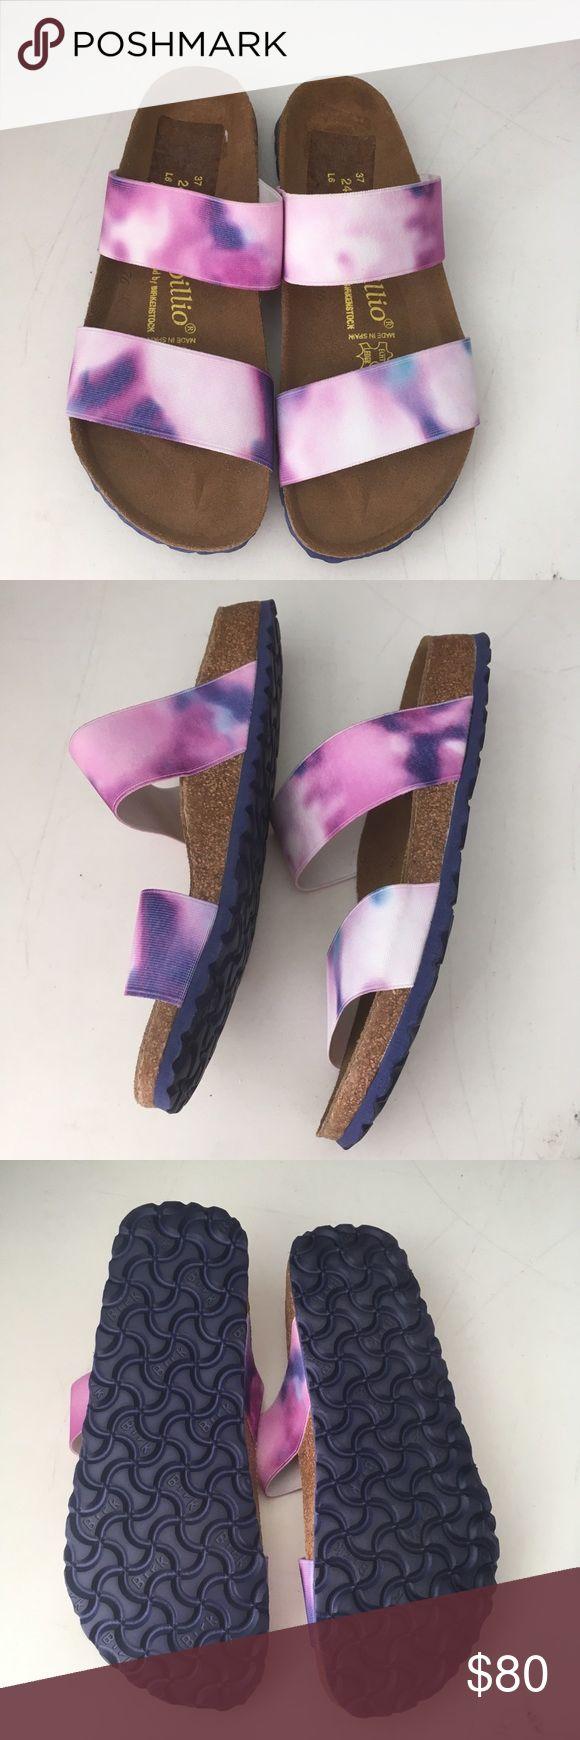 Birkenstock Papillio Size 37 NWOB Birkenstock Papillio Size 37 NWOB Birkenstock Shoes Sandals